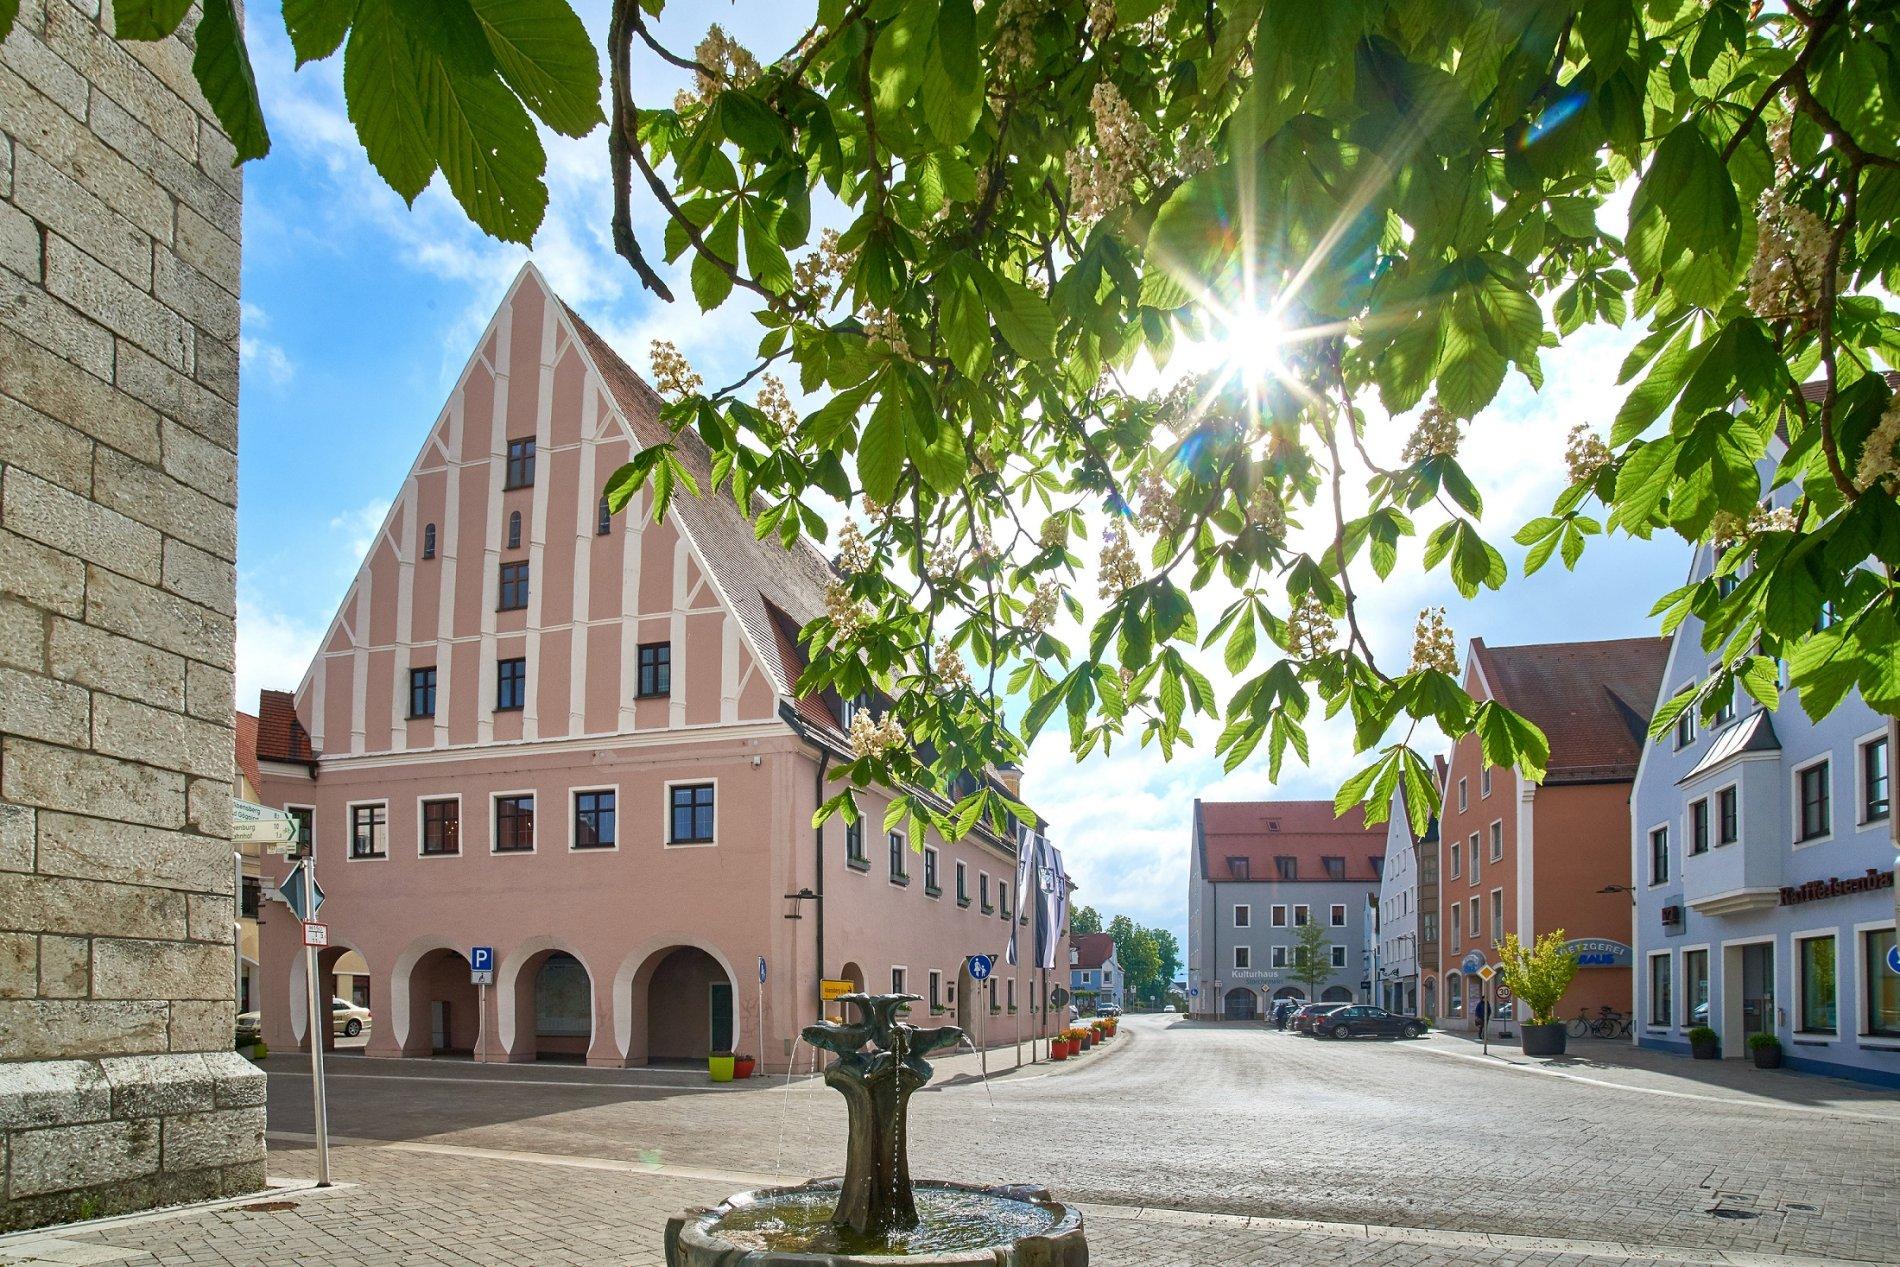 Blick auf die Innenstadt von Neustadt an der Donau